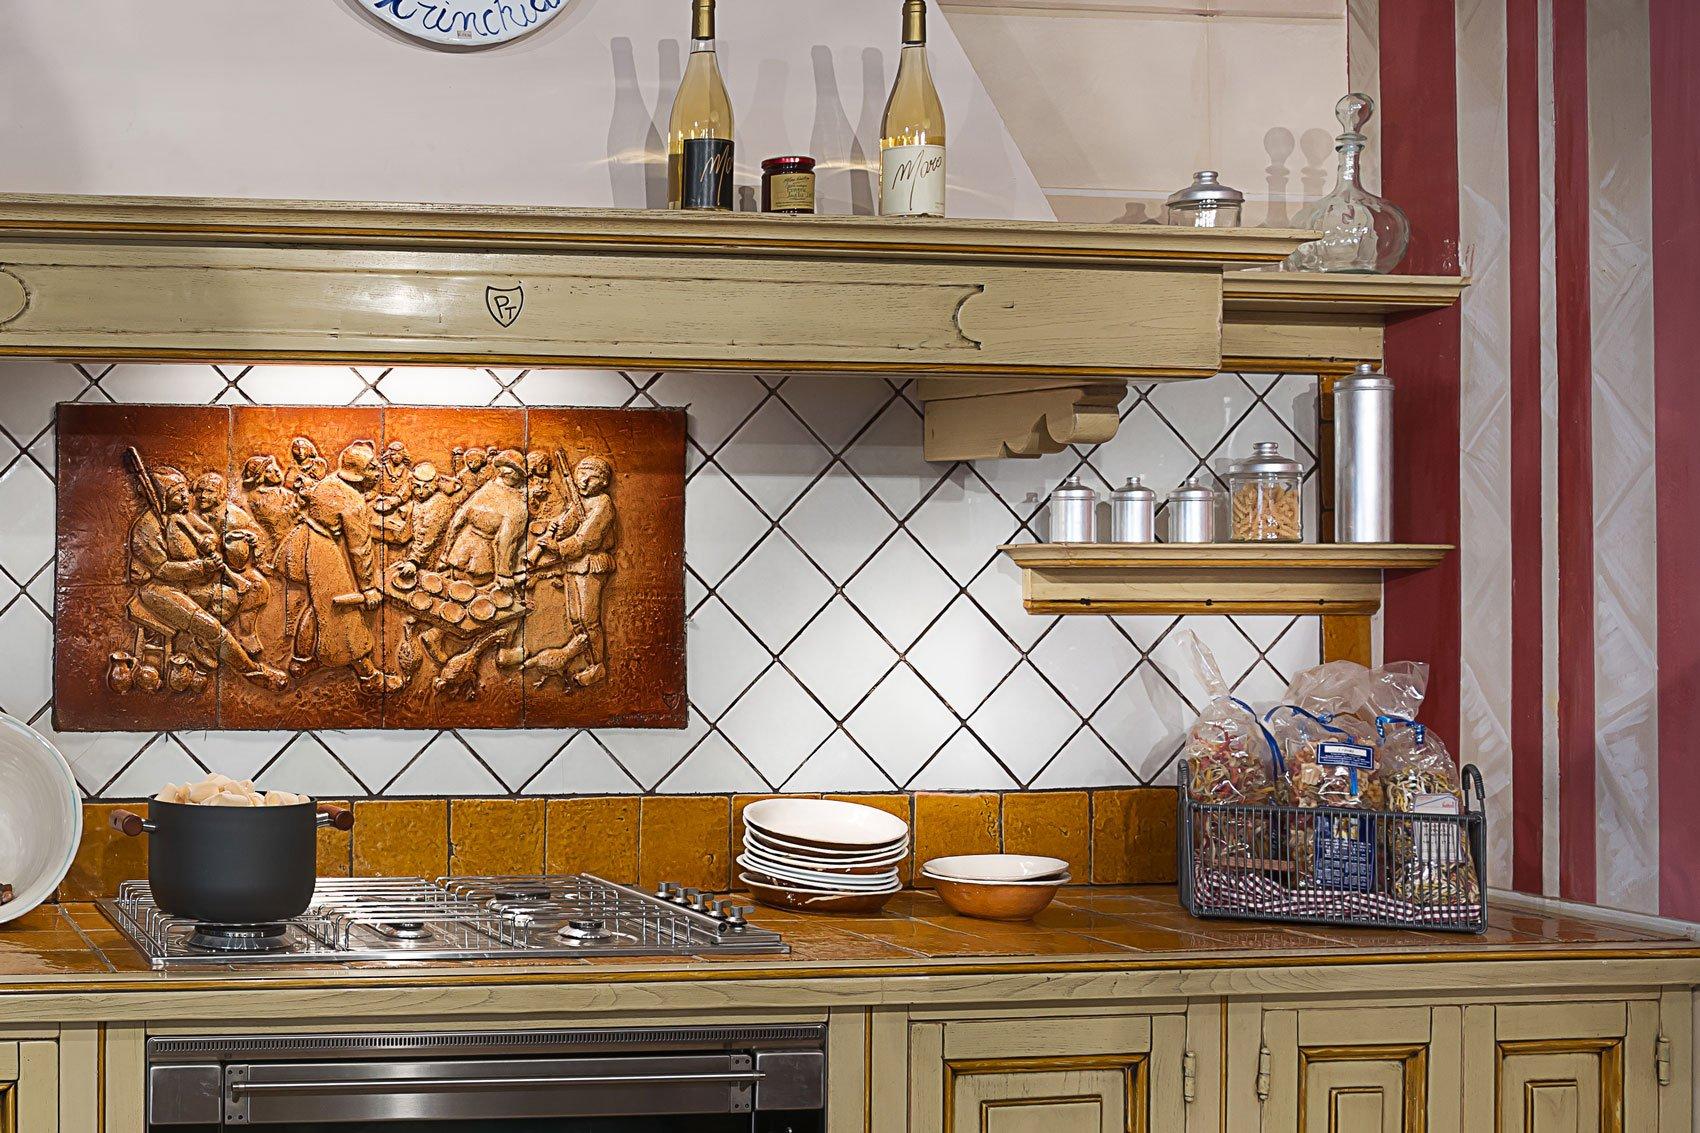 Scegliere le piastrelle per le pareti della cucina cose di casa - Rivestimento piano cucina ...